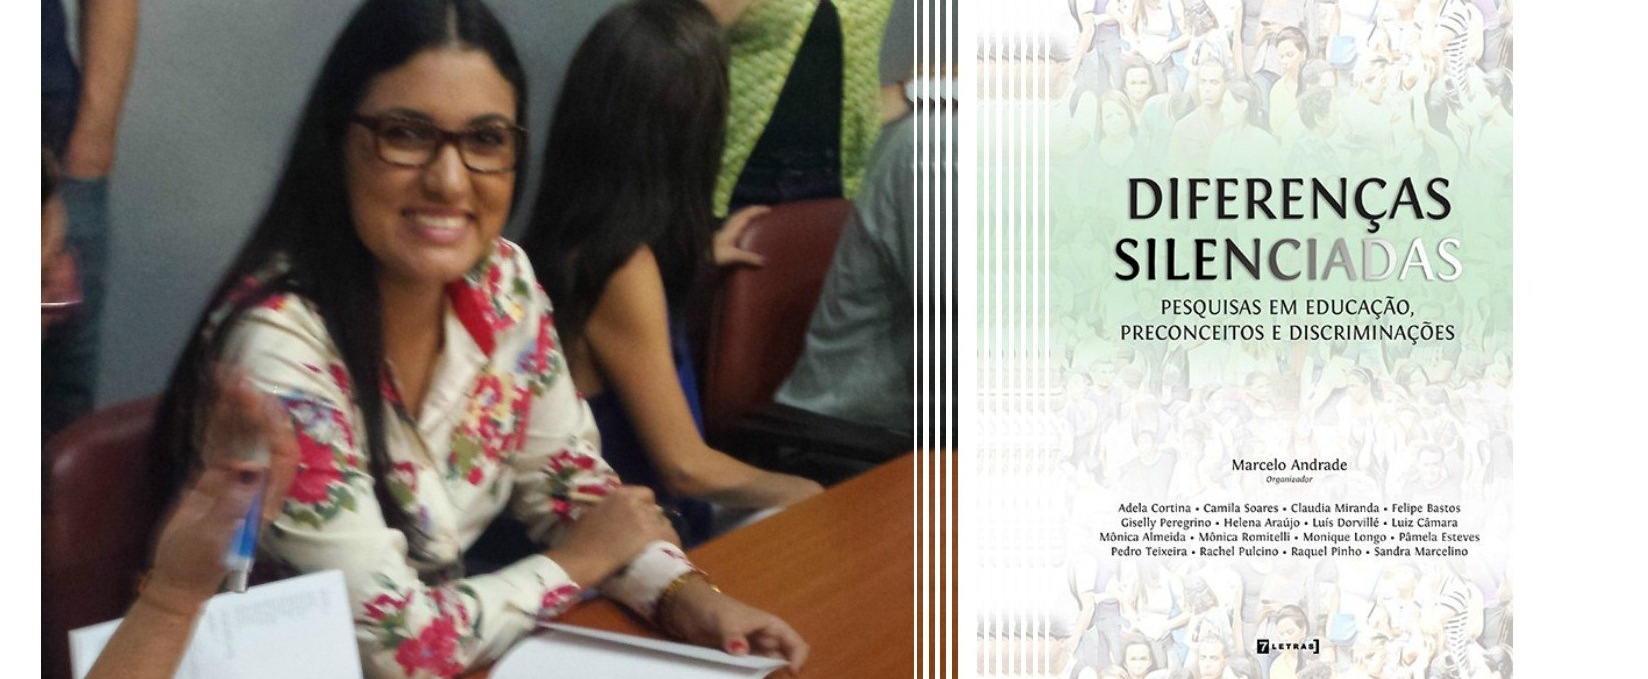 Professora do INES tem artigo sobre preconceito contra surdos publicado em livro